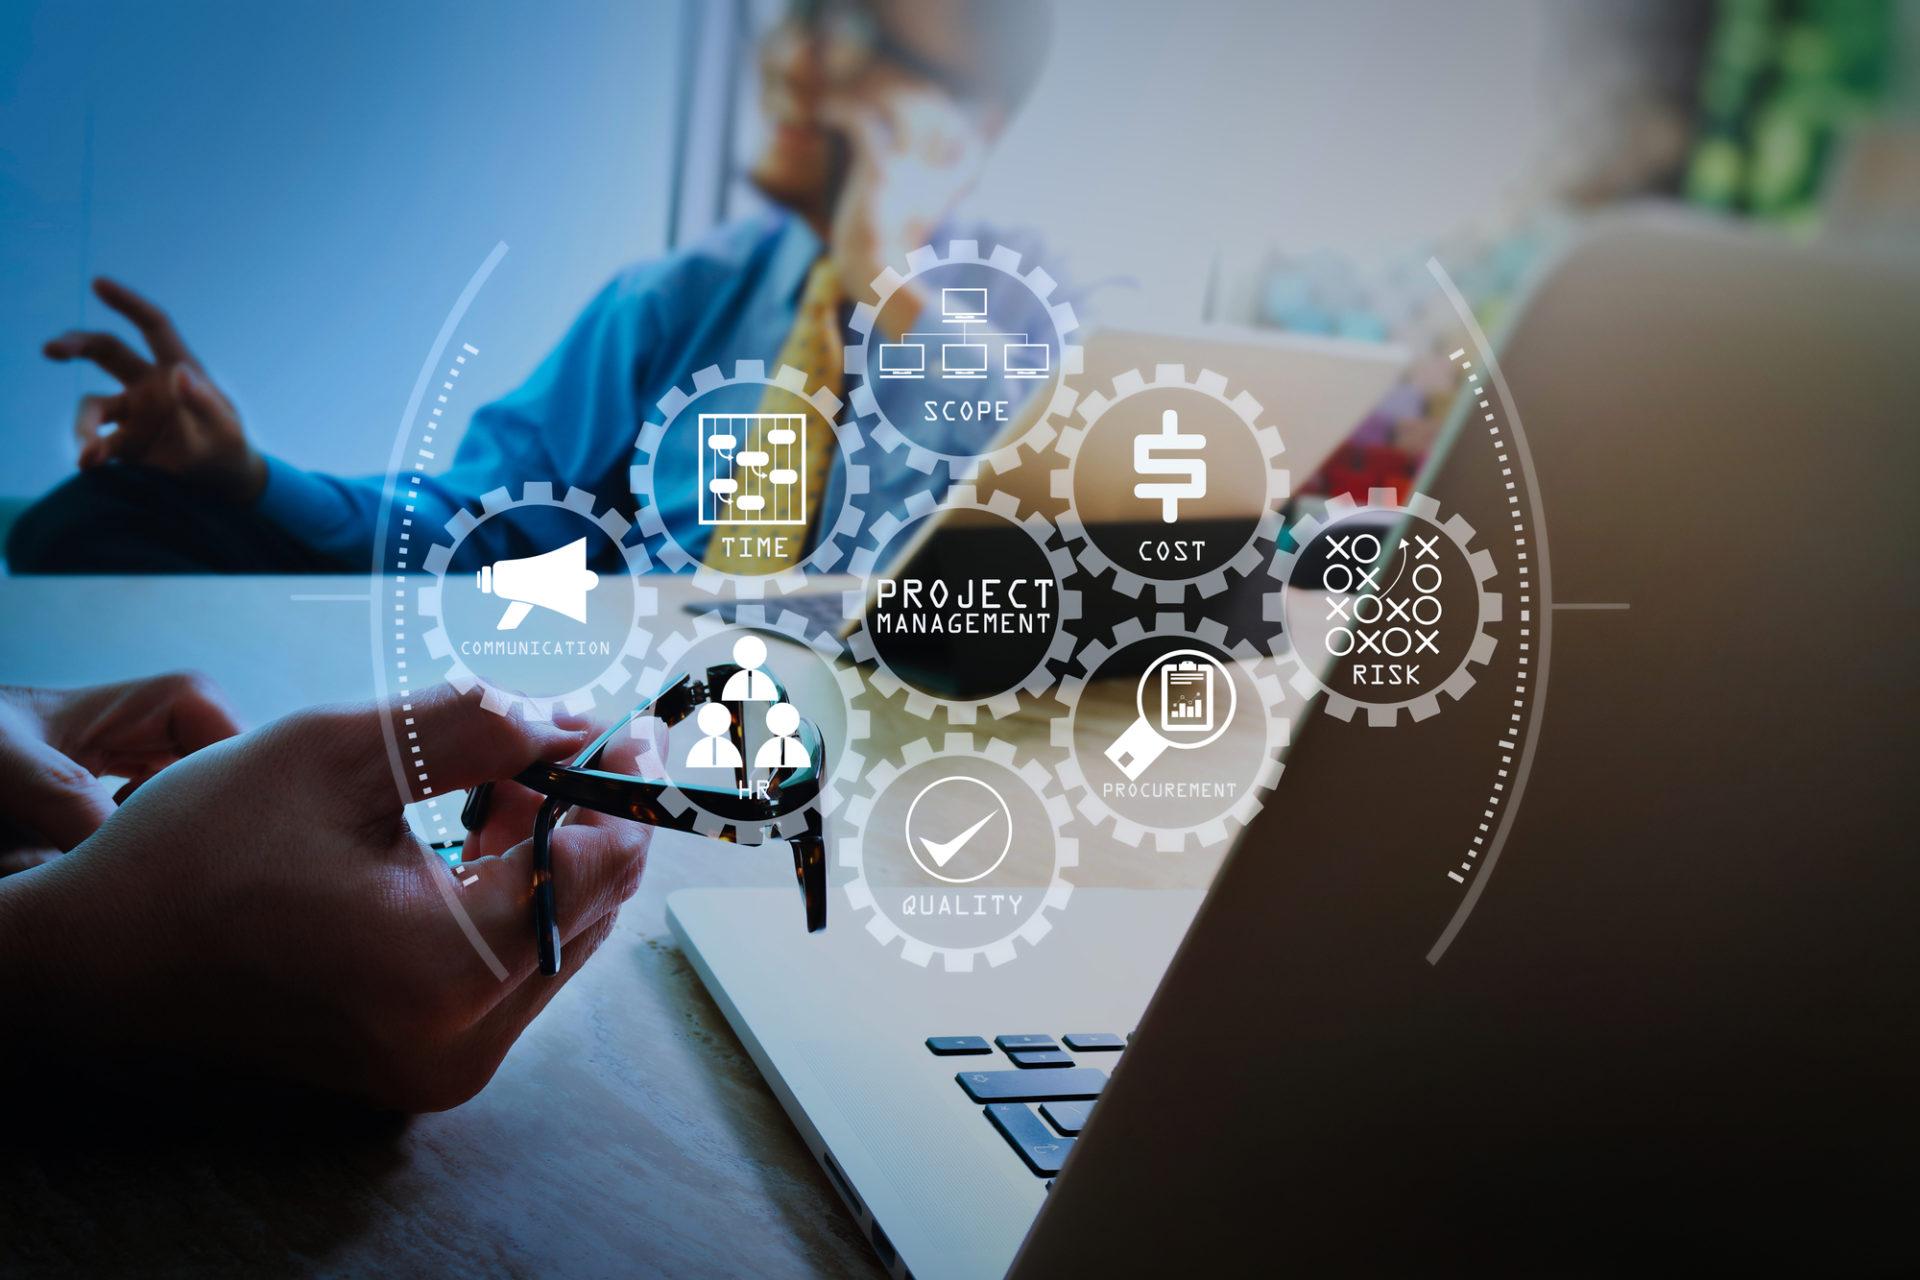 Darstellung einer Projektbesprechung und im Vordergrund Business Icons, Immotech übernimmt gesamtverantwortlich die Projektplanung und die Umsetzung